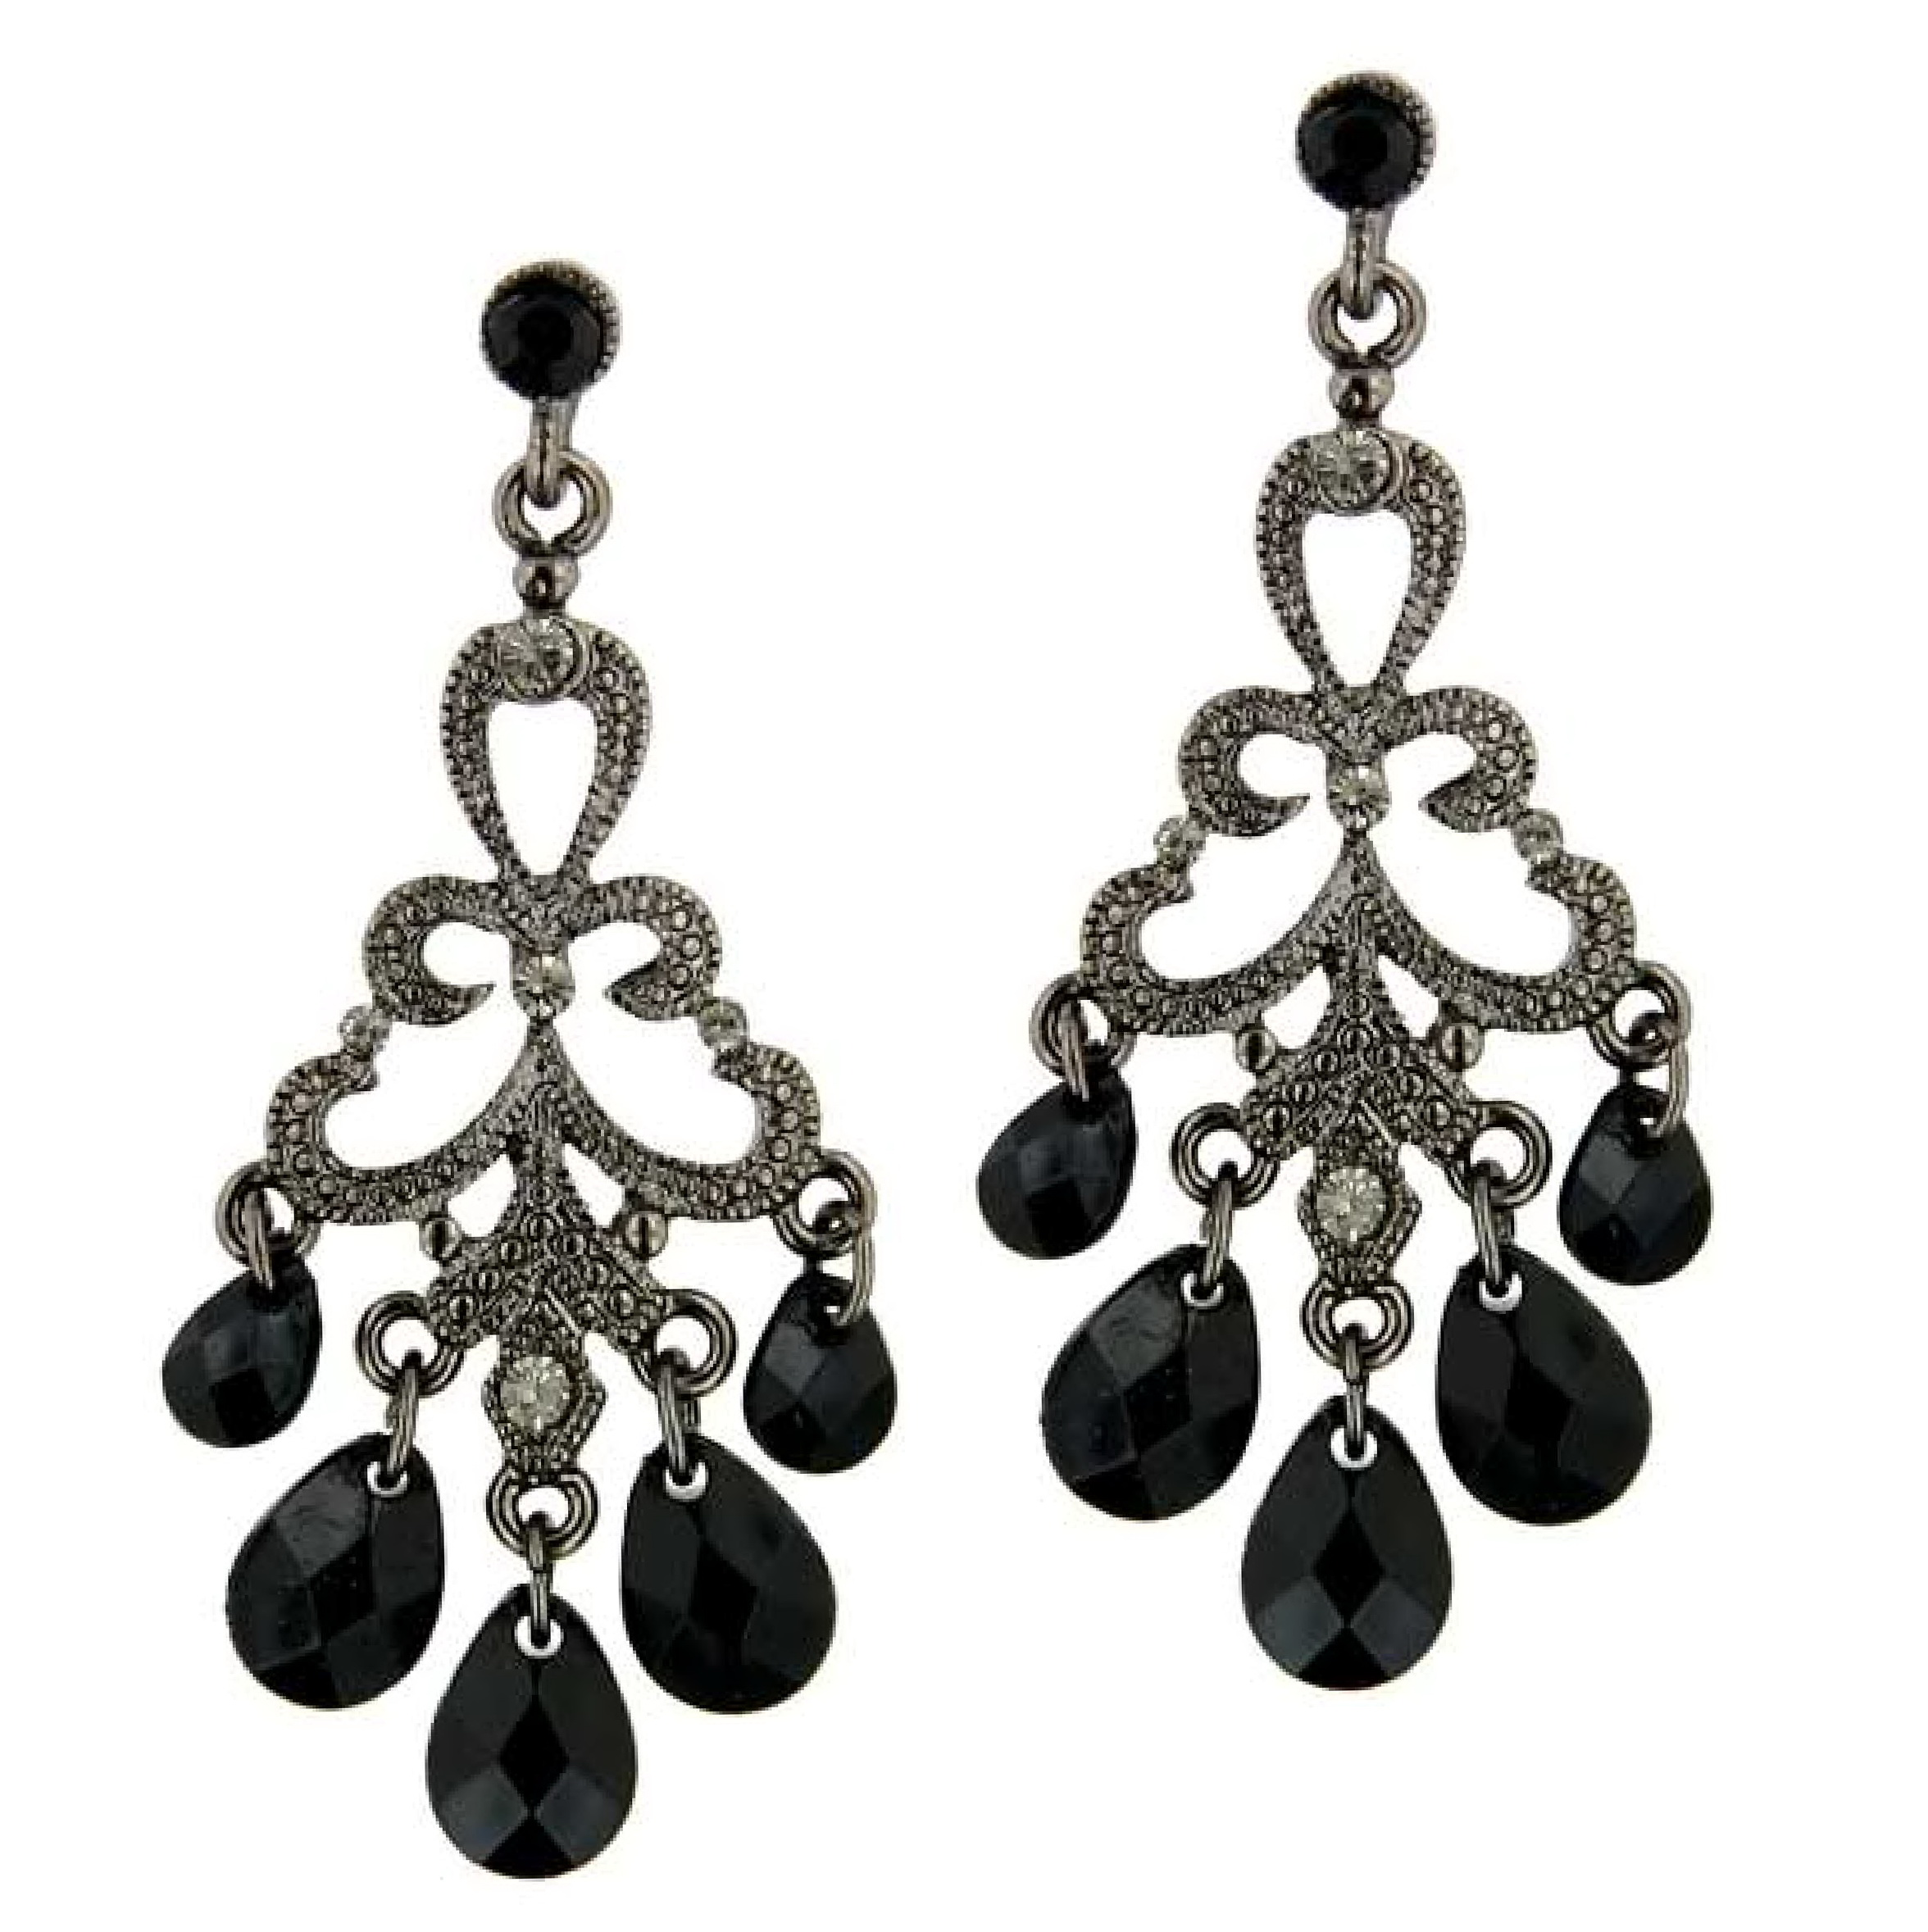 Black Diamond Chandelier Earrings